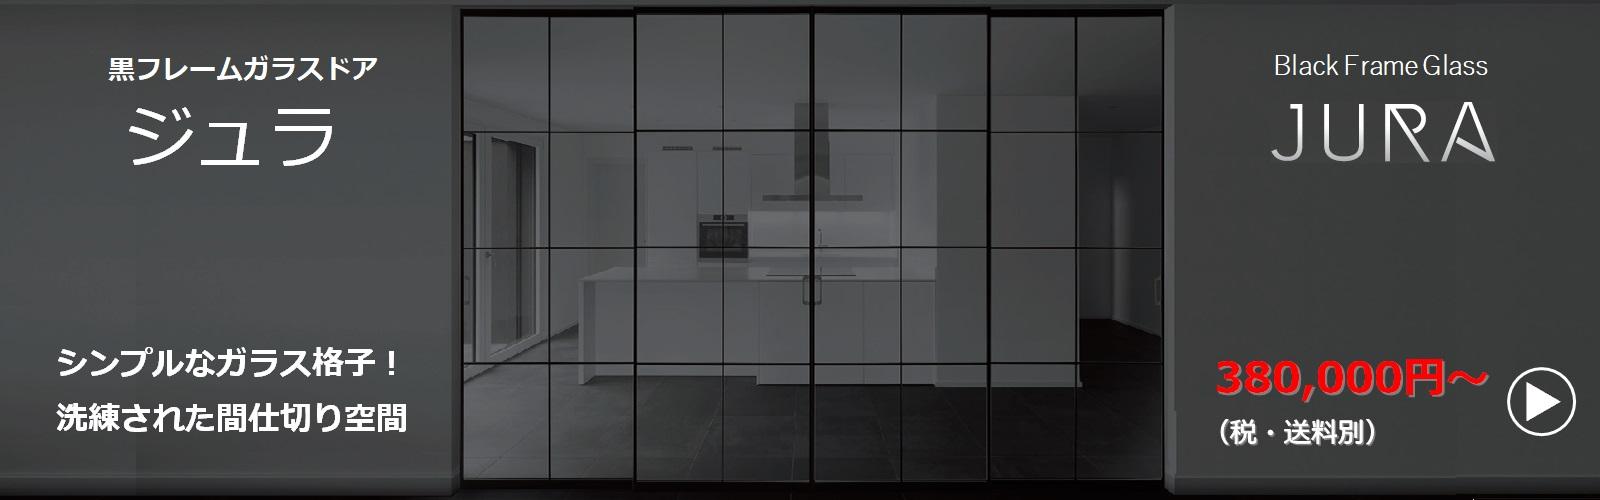 黒フレームガラス格子引戸